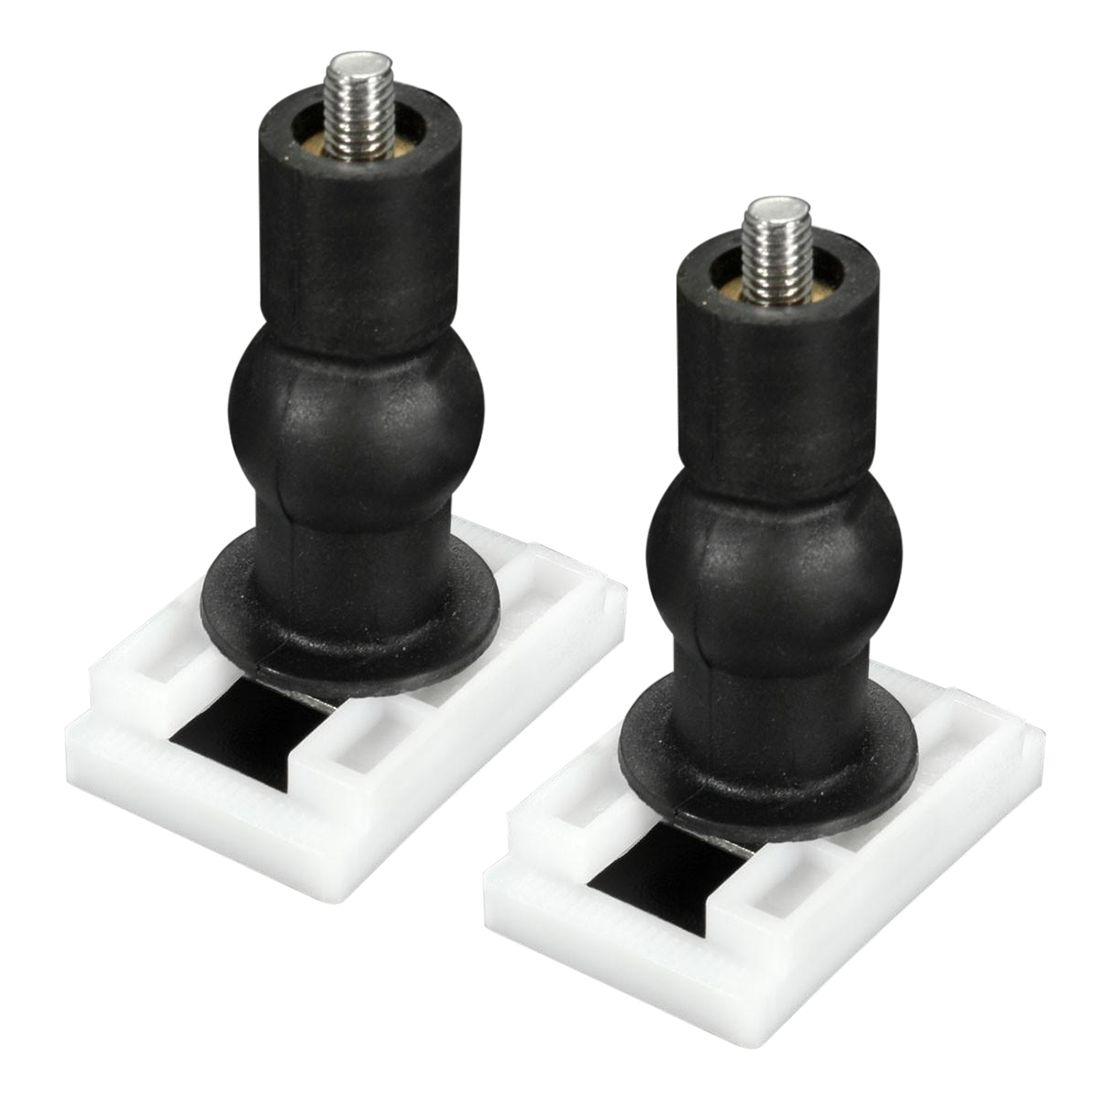 2pcs Diy Plastic Toilet Seat Screws Fixings Fit Toilet Seats Hinges Repair Tools Type Size 13 2 3x3 8cm Toilet Seat Hinges Toilet Seat Bathroom Fixtures